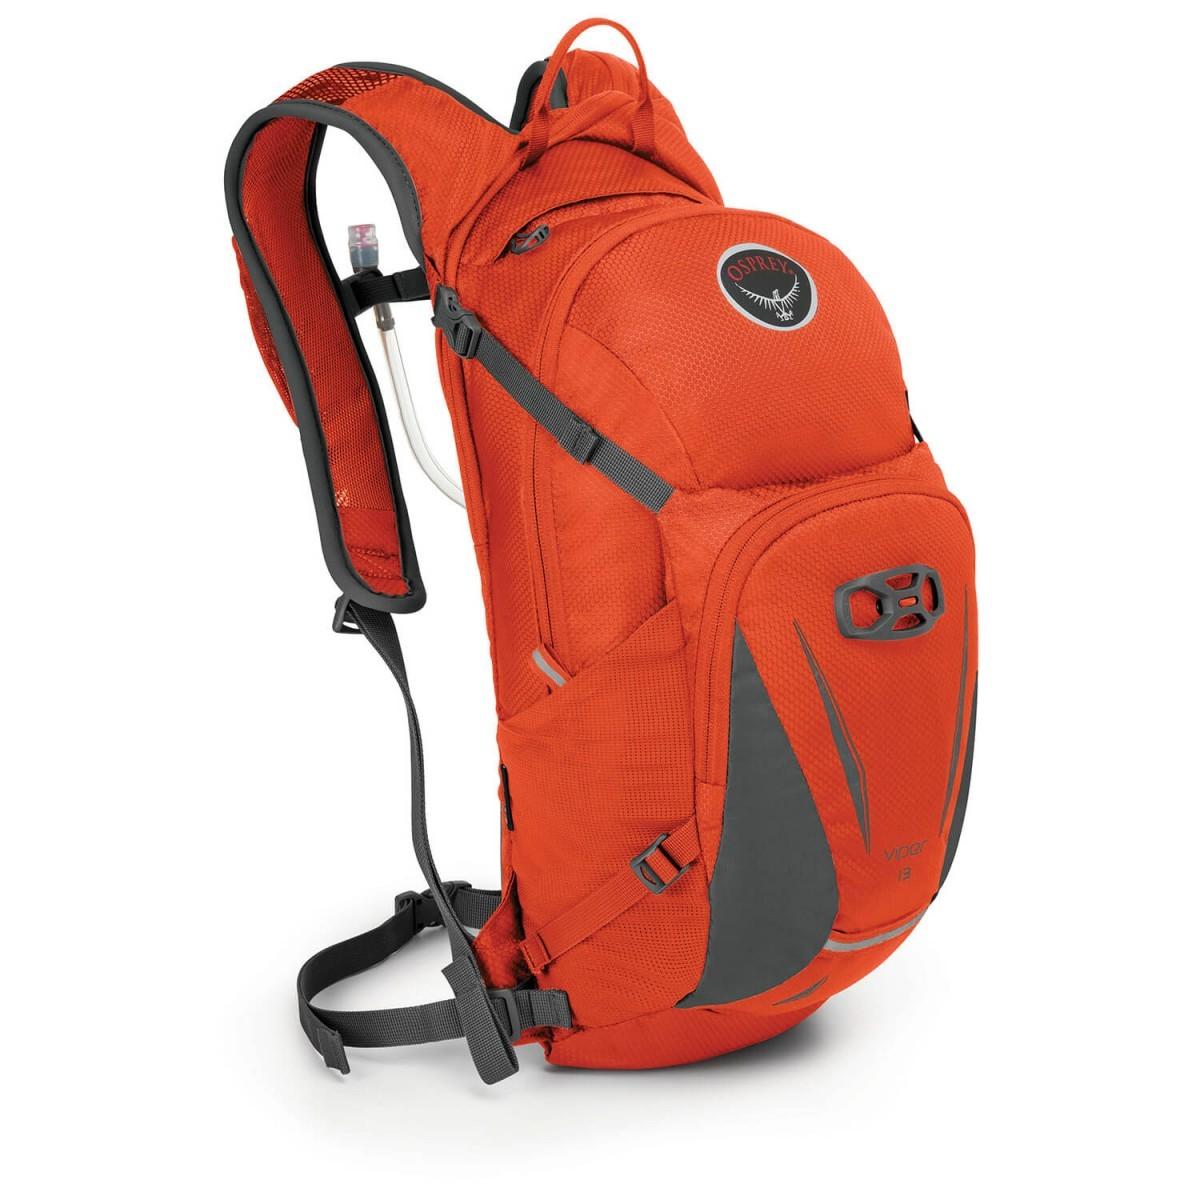 オスプレー Viper 13 (Blaze Orange)★リュック・バックパック・登山・山歩・トレッキング★